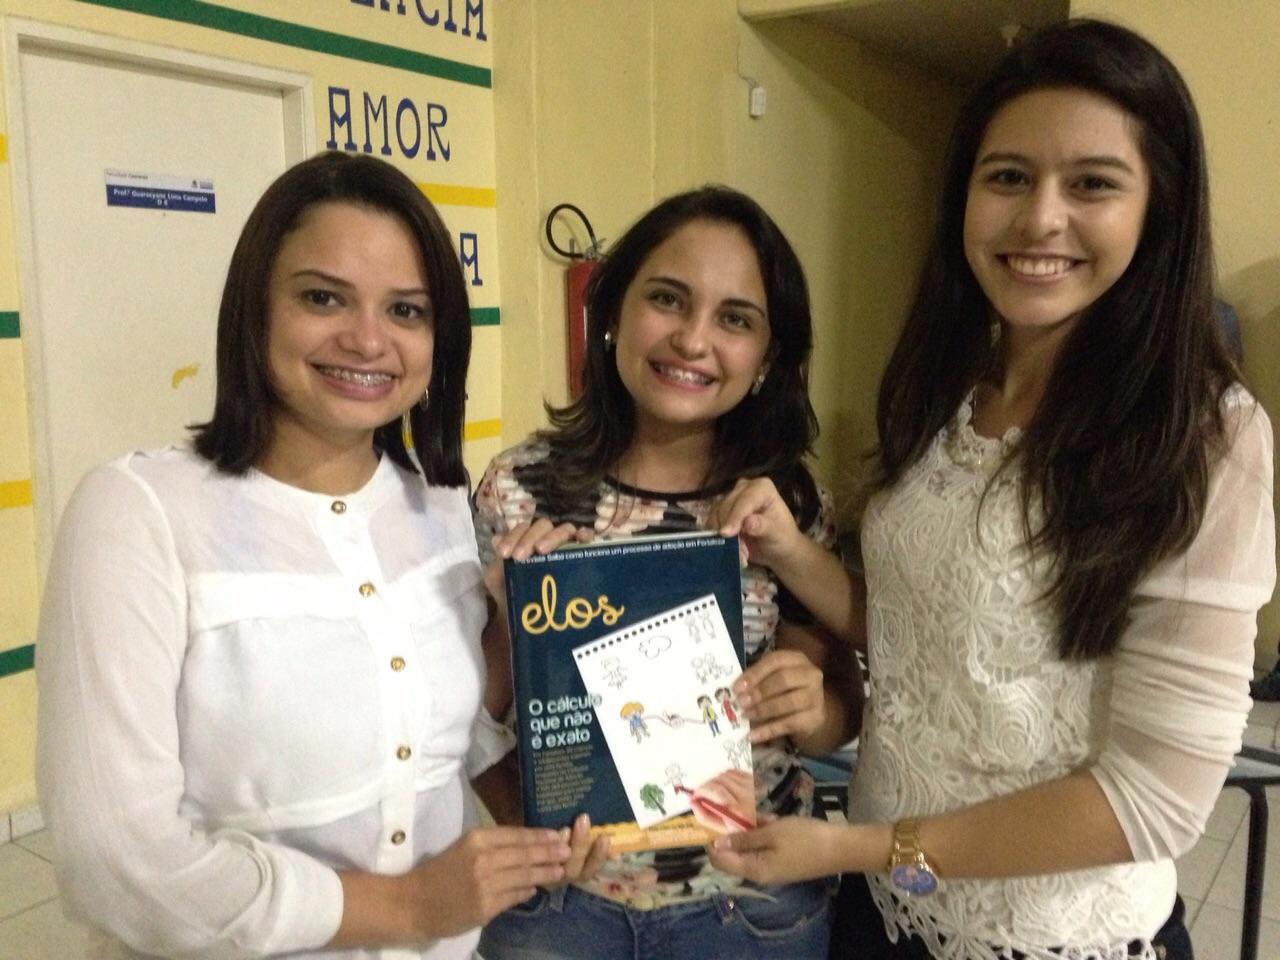 Juliana Marques, Priscila Macêdo e Thays Naliny publicaram uma revista que trata da adoção (FOTO: Arquivo pessoal)